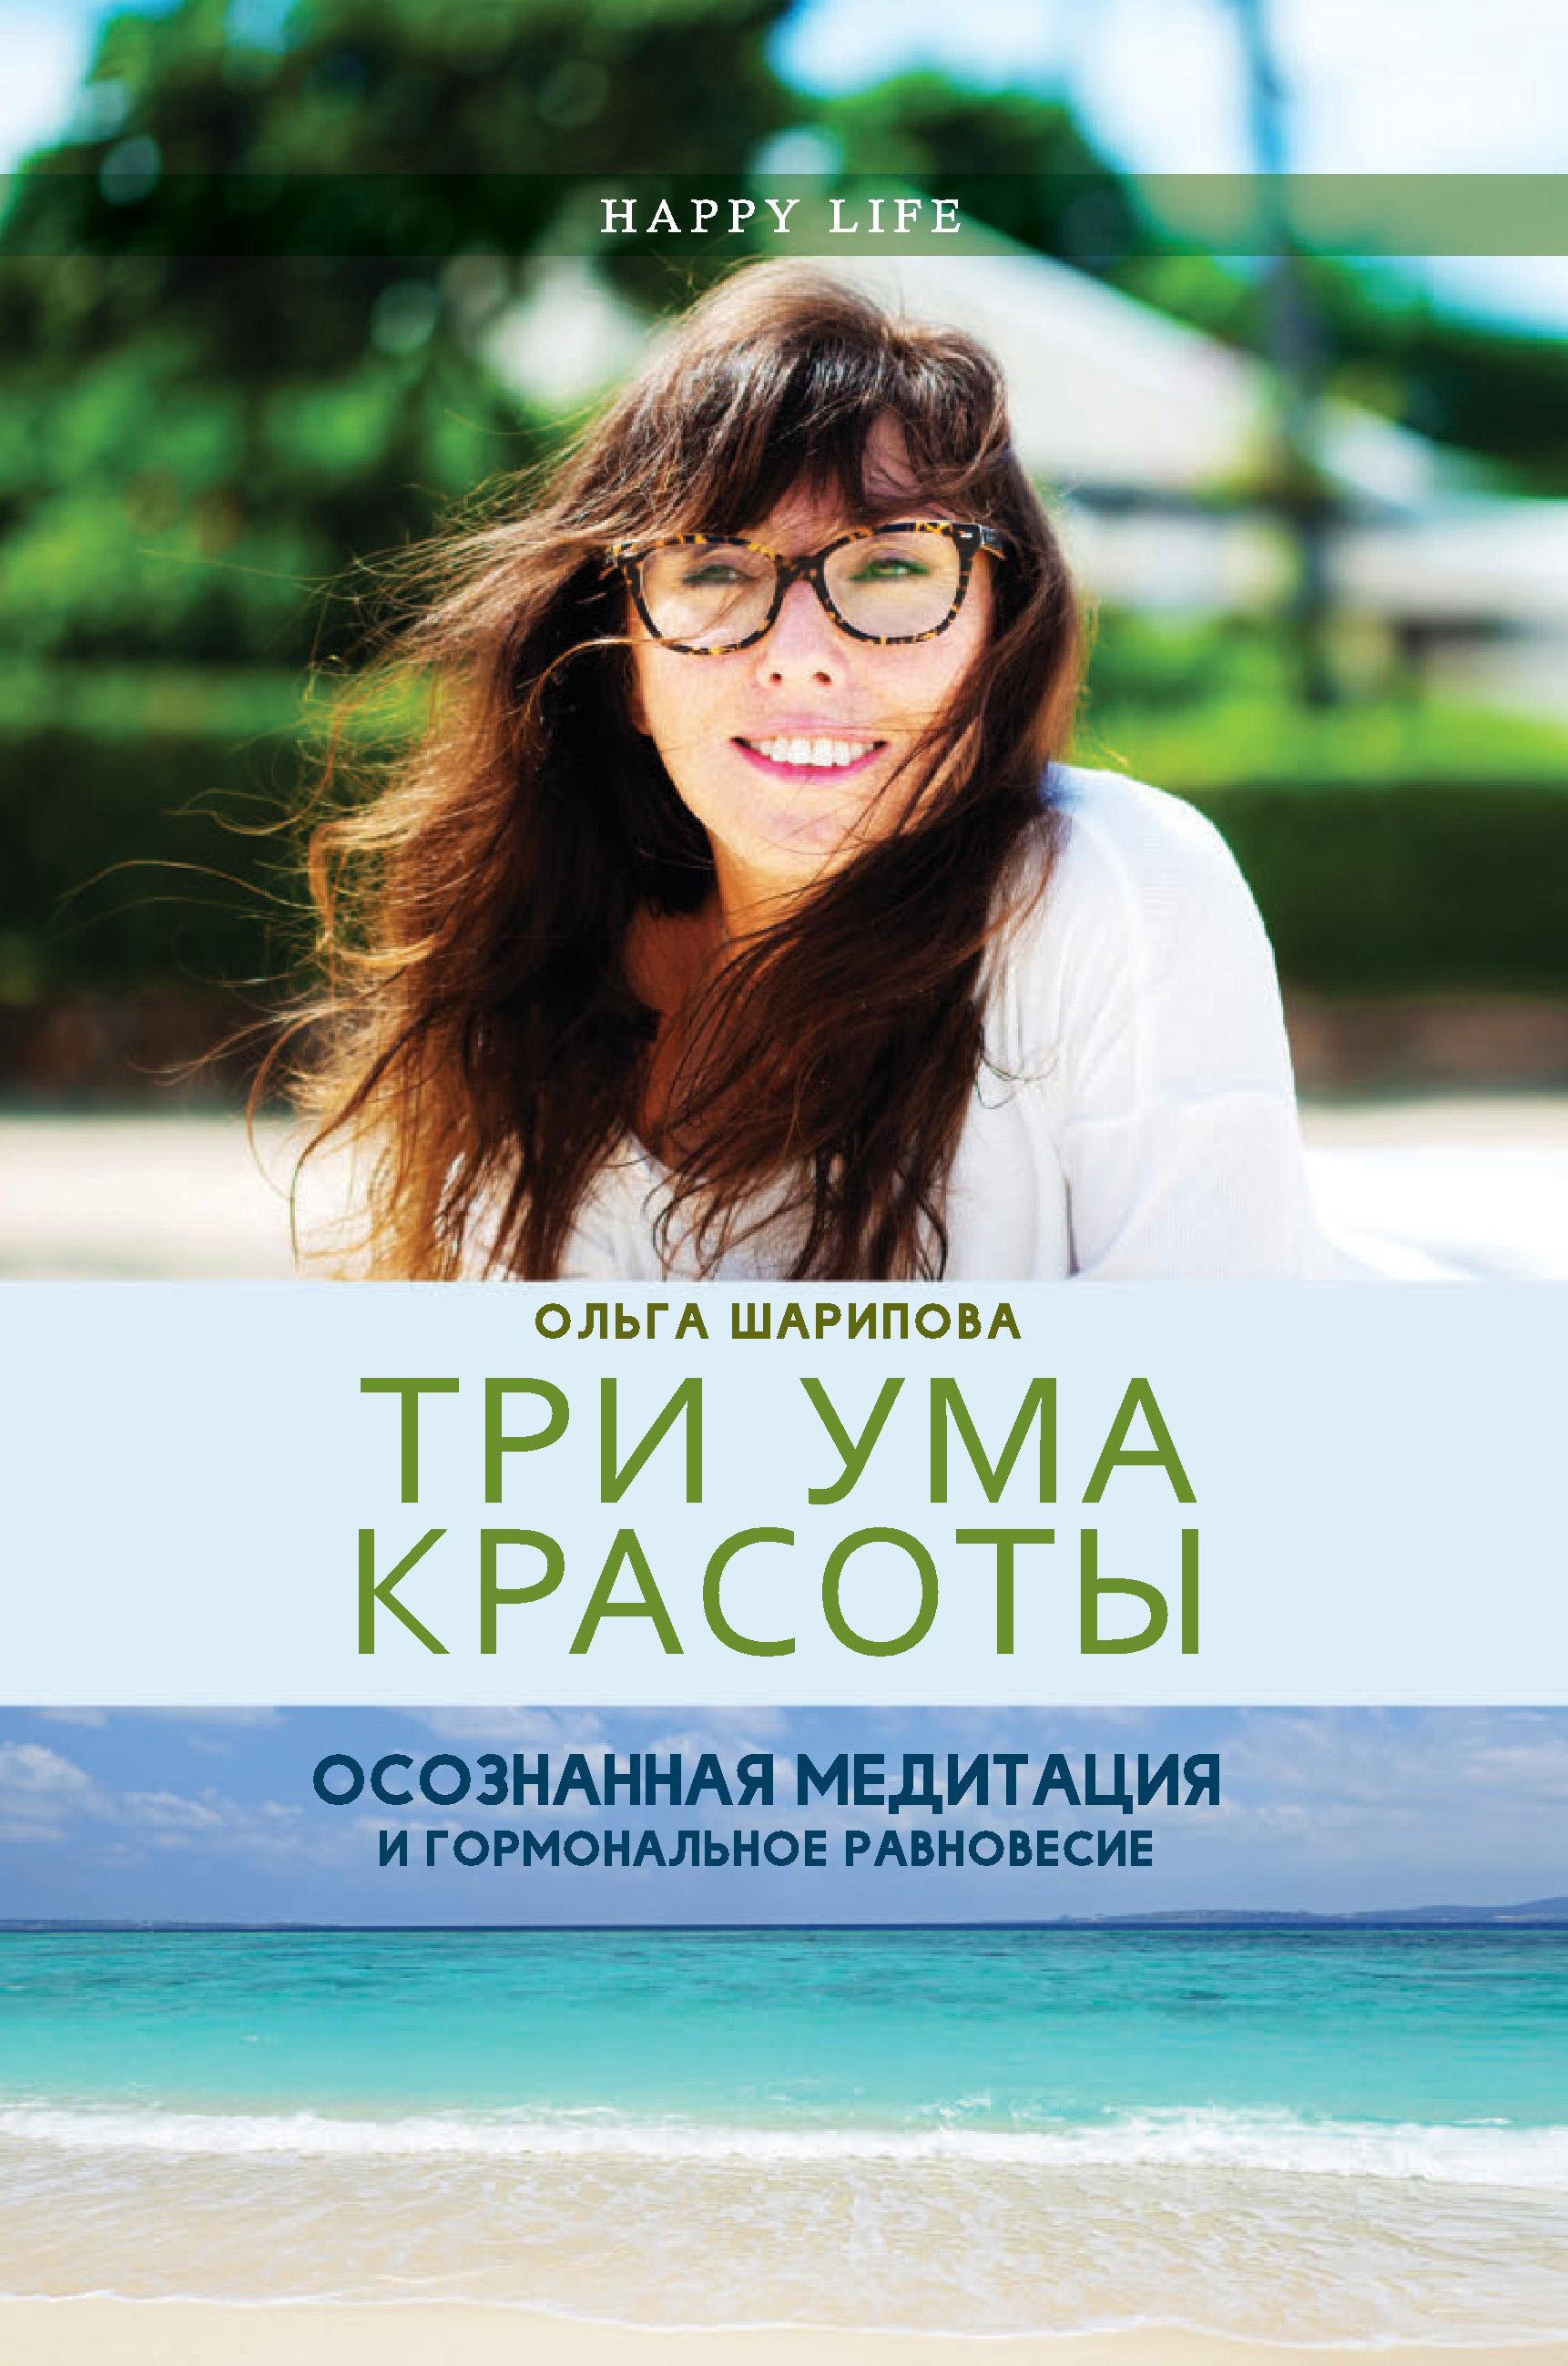 Ольга Шарипова Три ума красоты. Осознанная медитация и гормональное равновесие